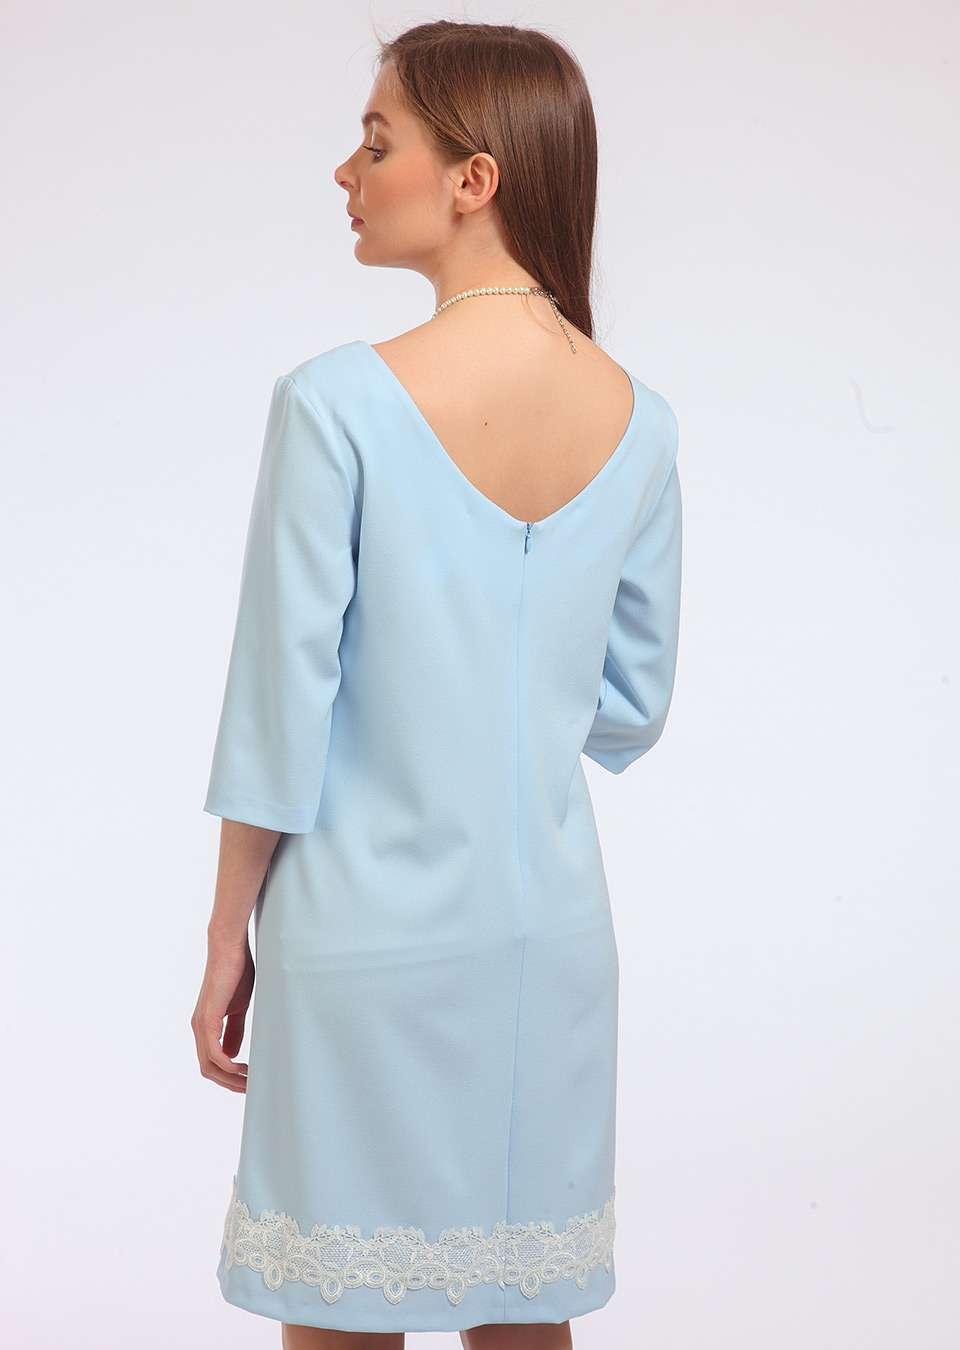 Платье Хлоя для беременных